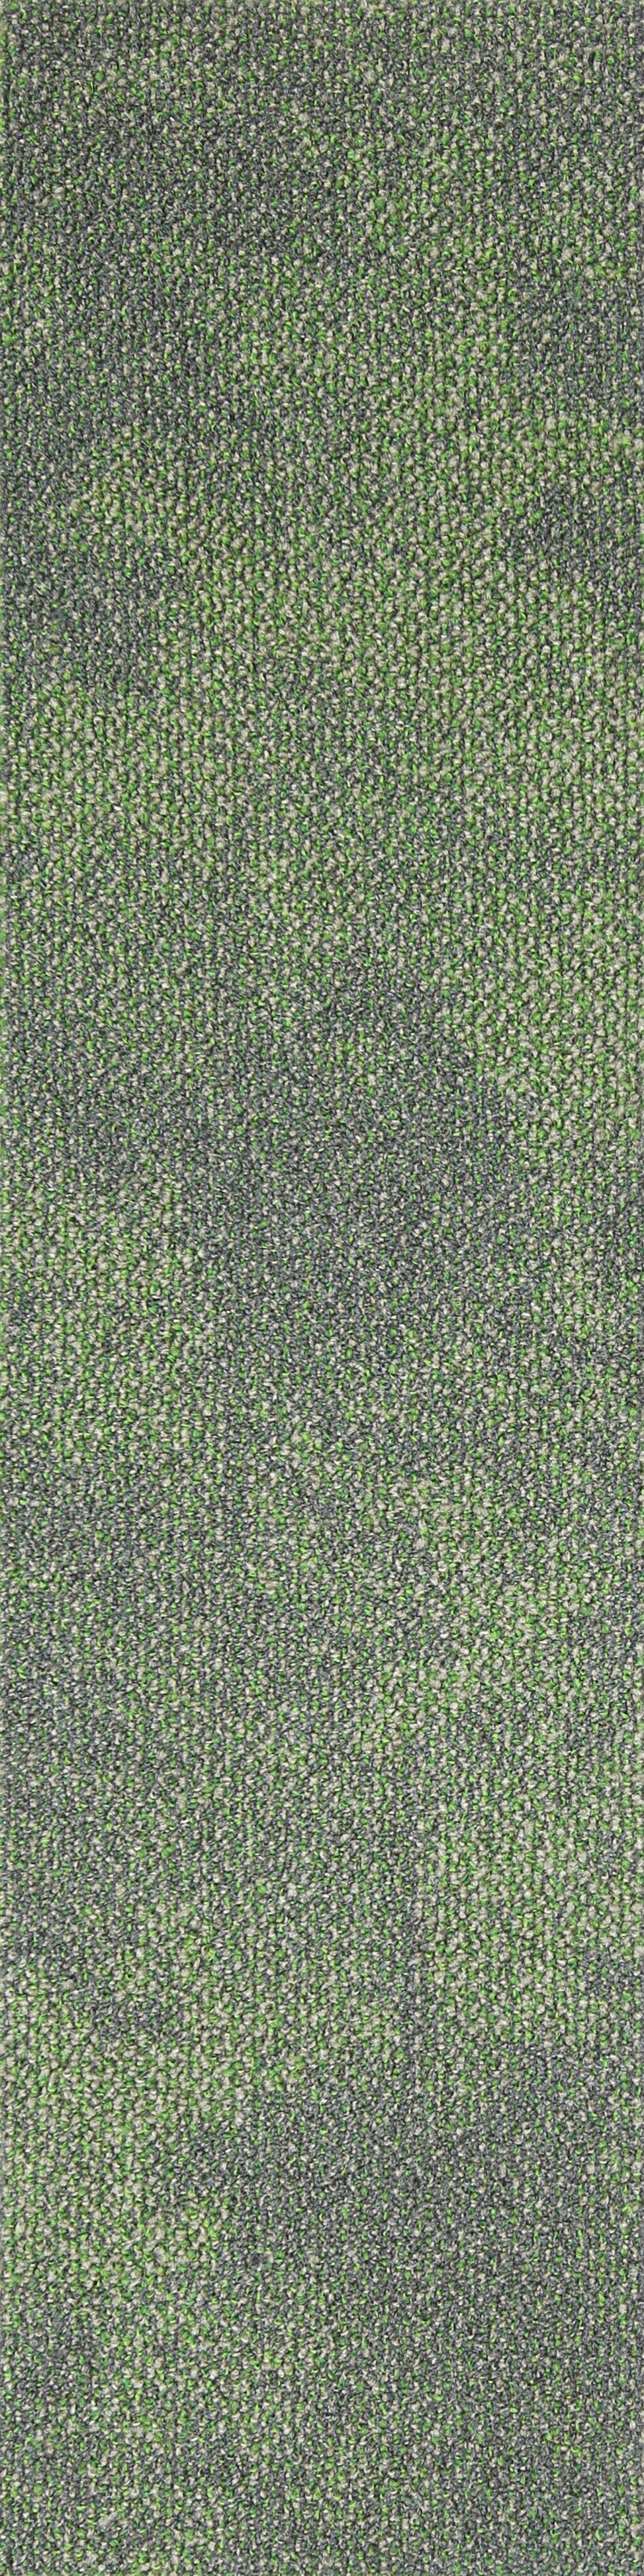 OC10 Seagrass